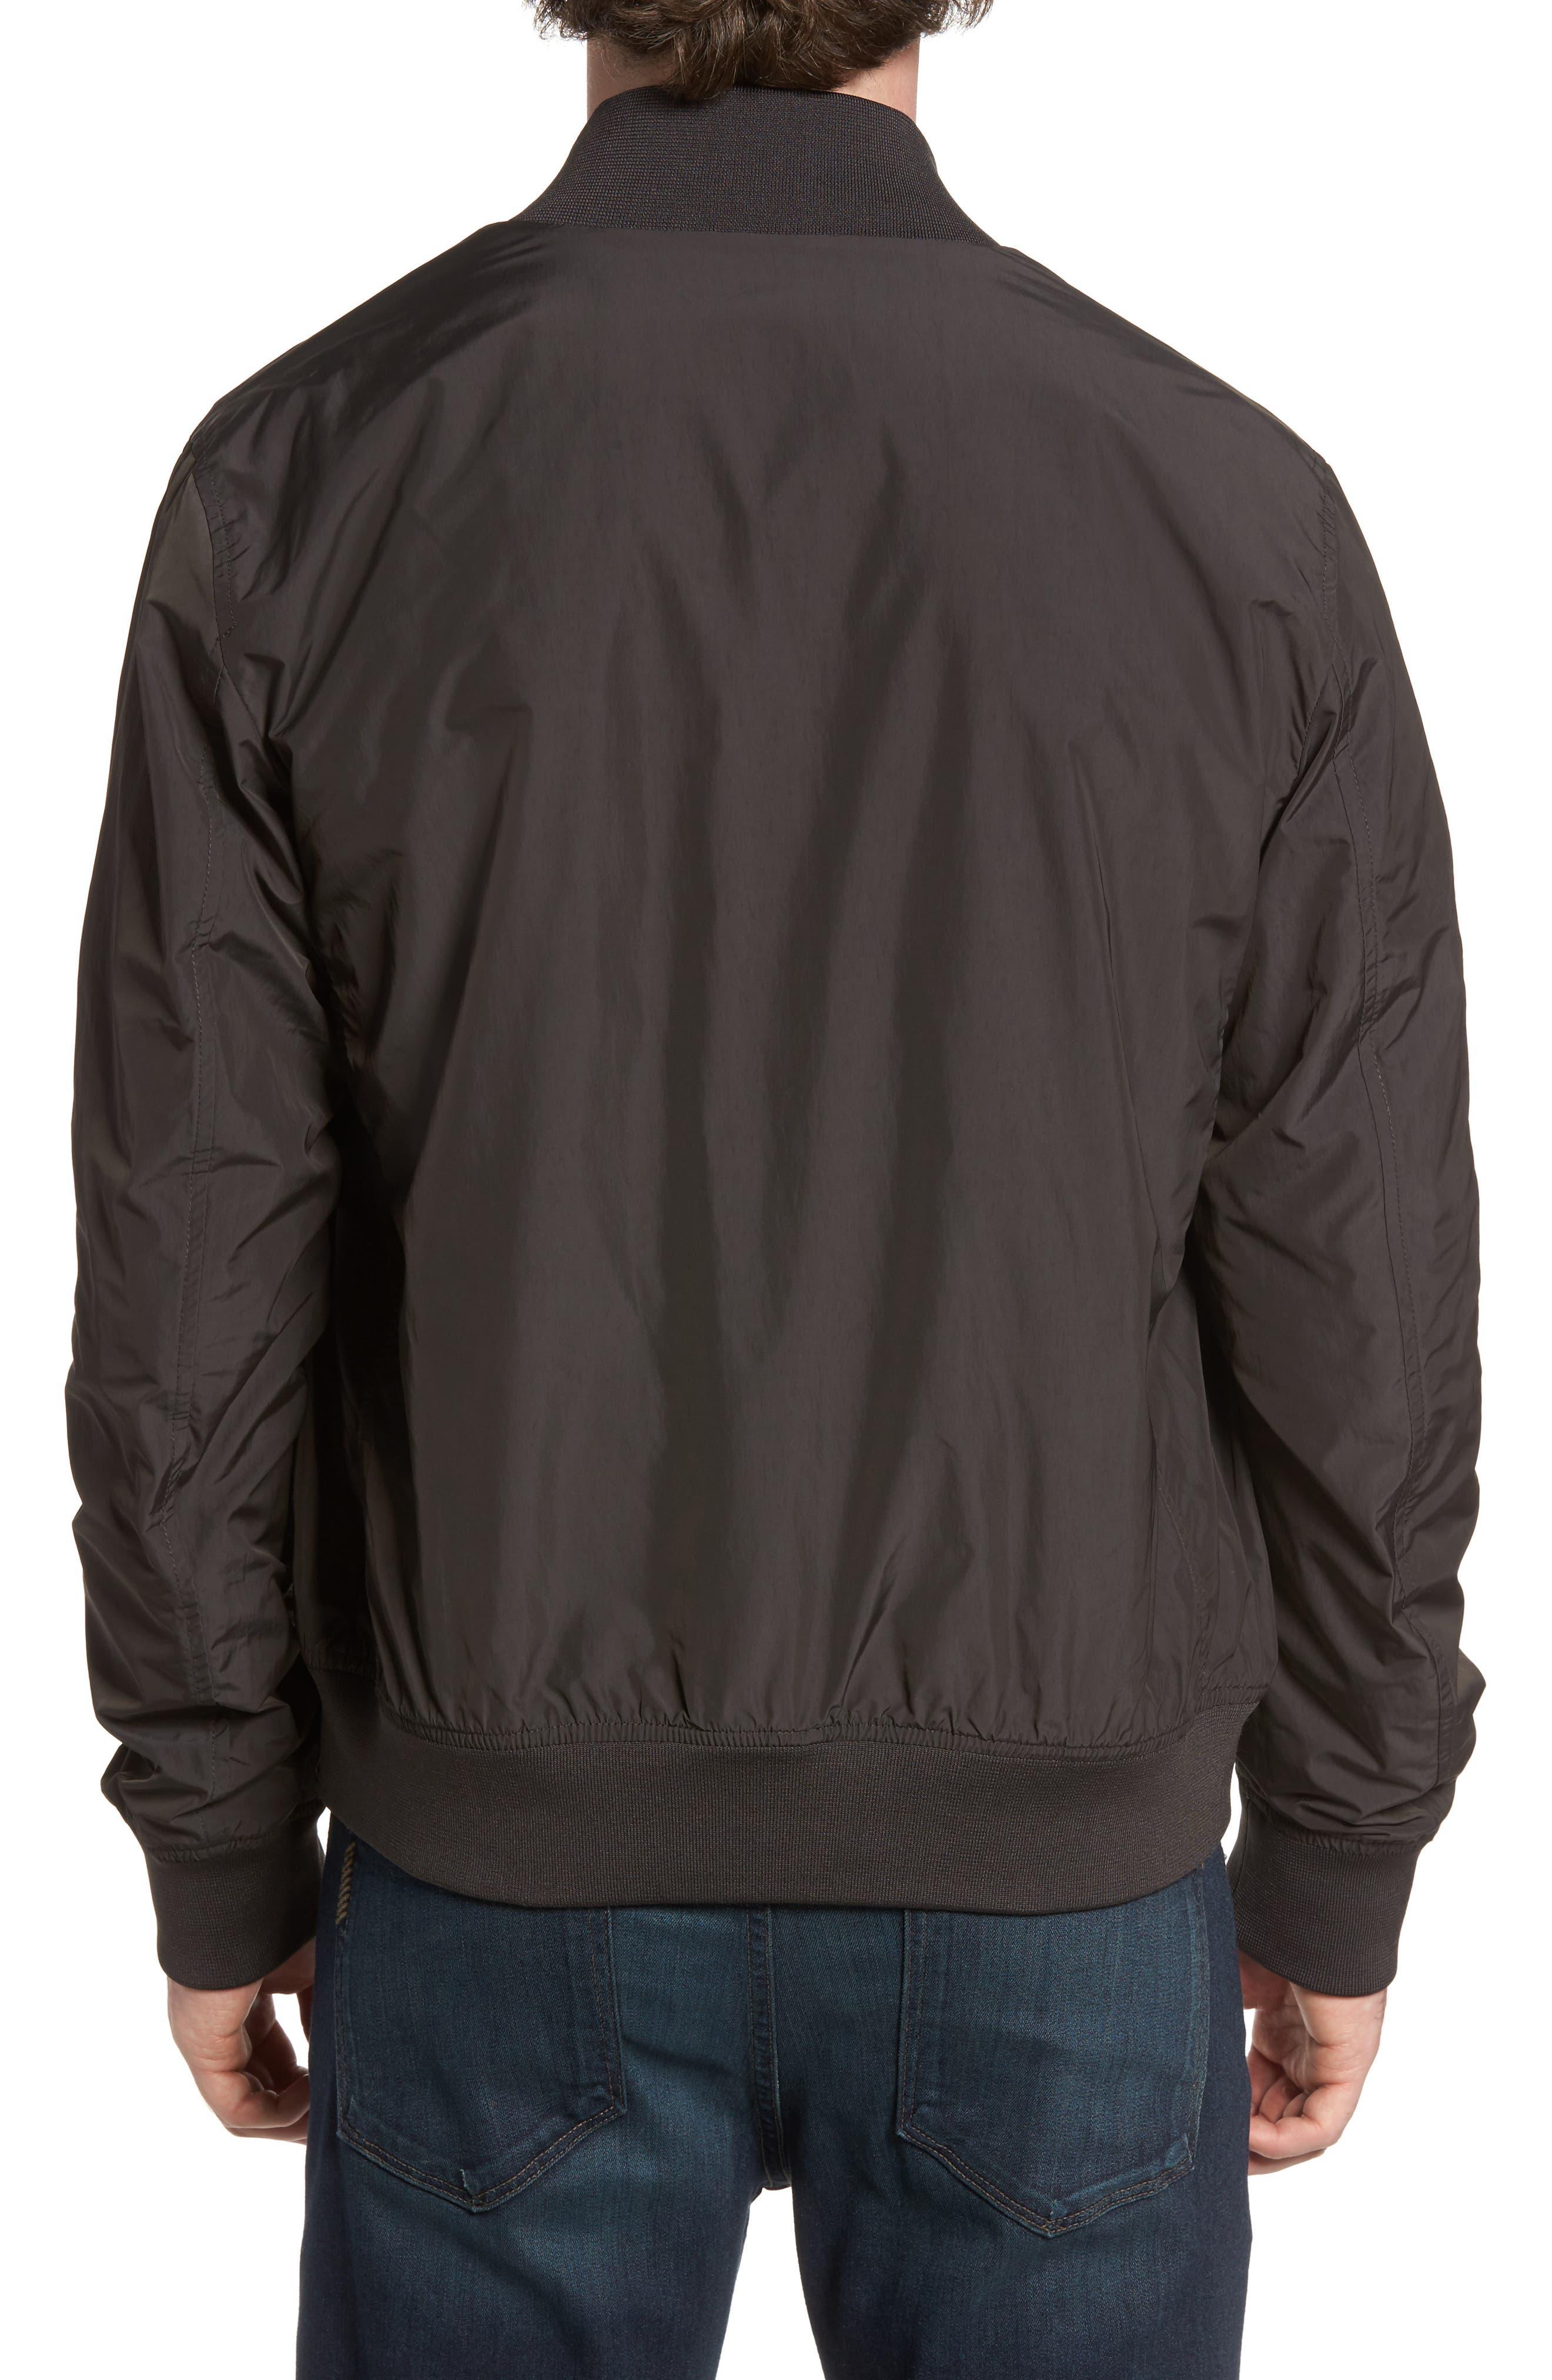 John Rich Shore Bomber Jacket,                             Alternate thumbnail 2, color,                             Faded Black